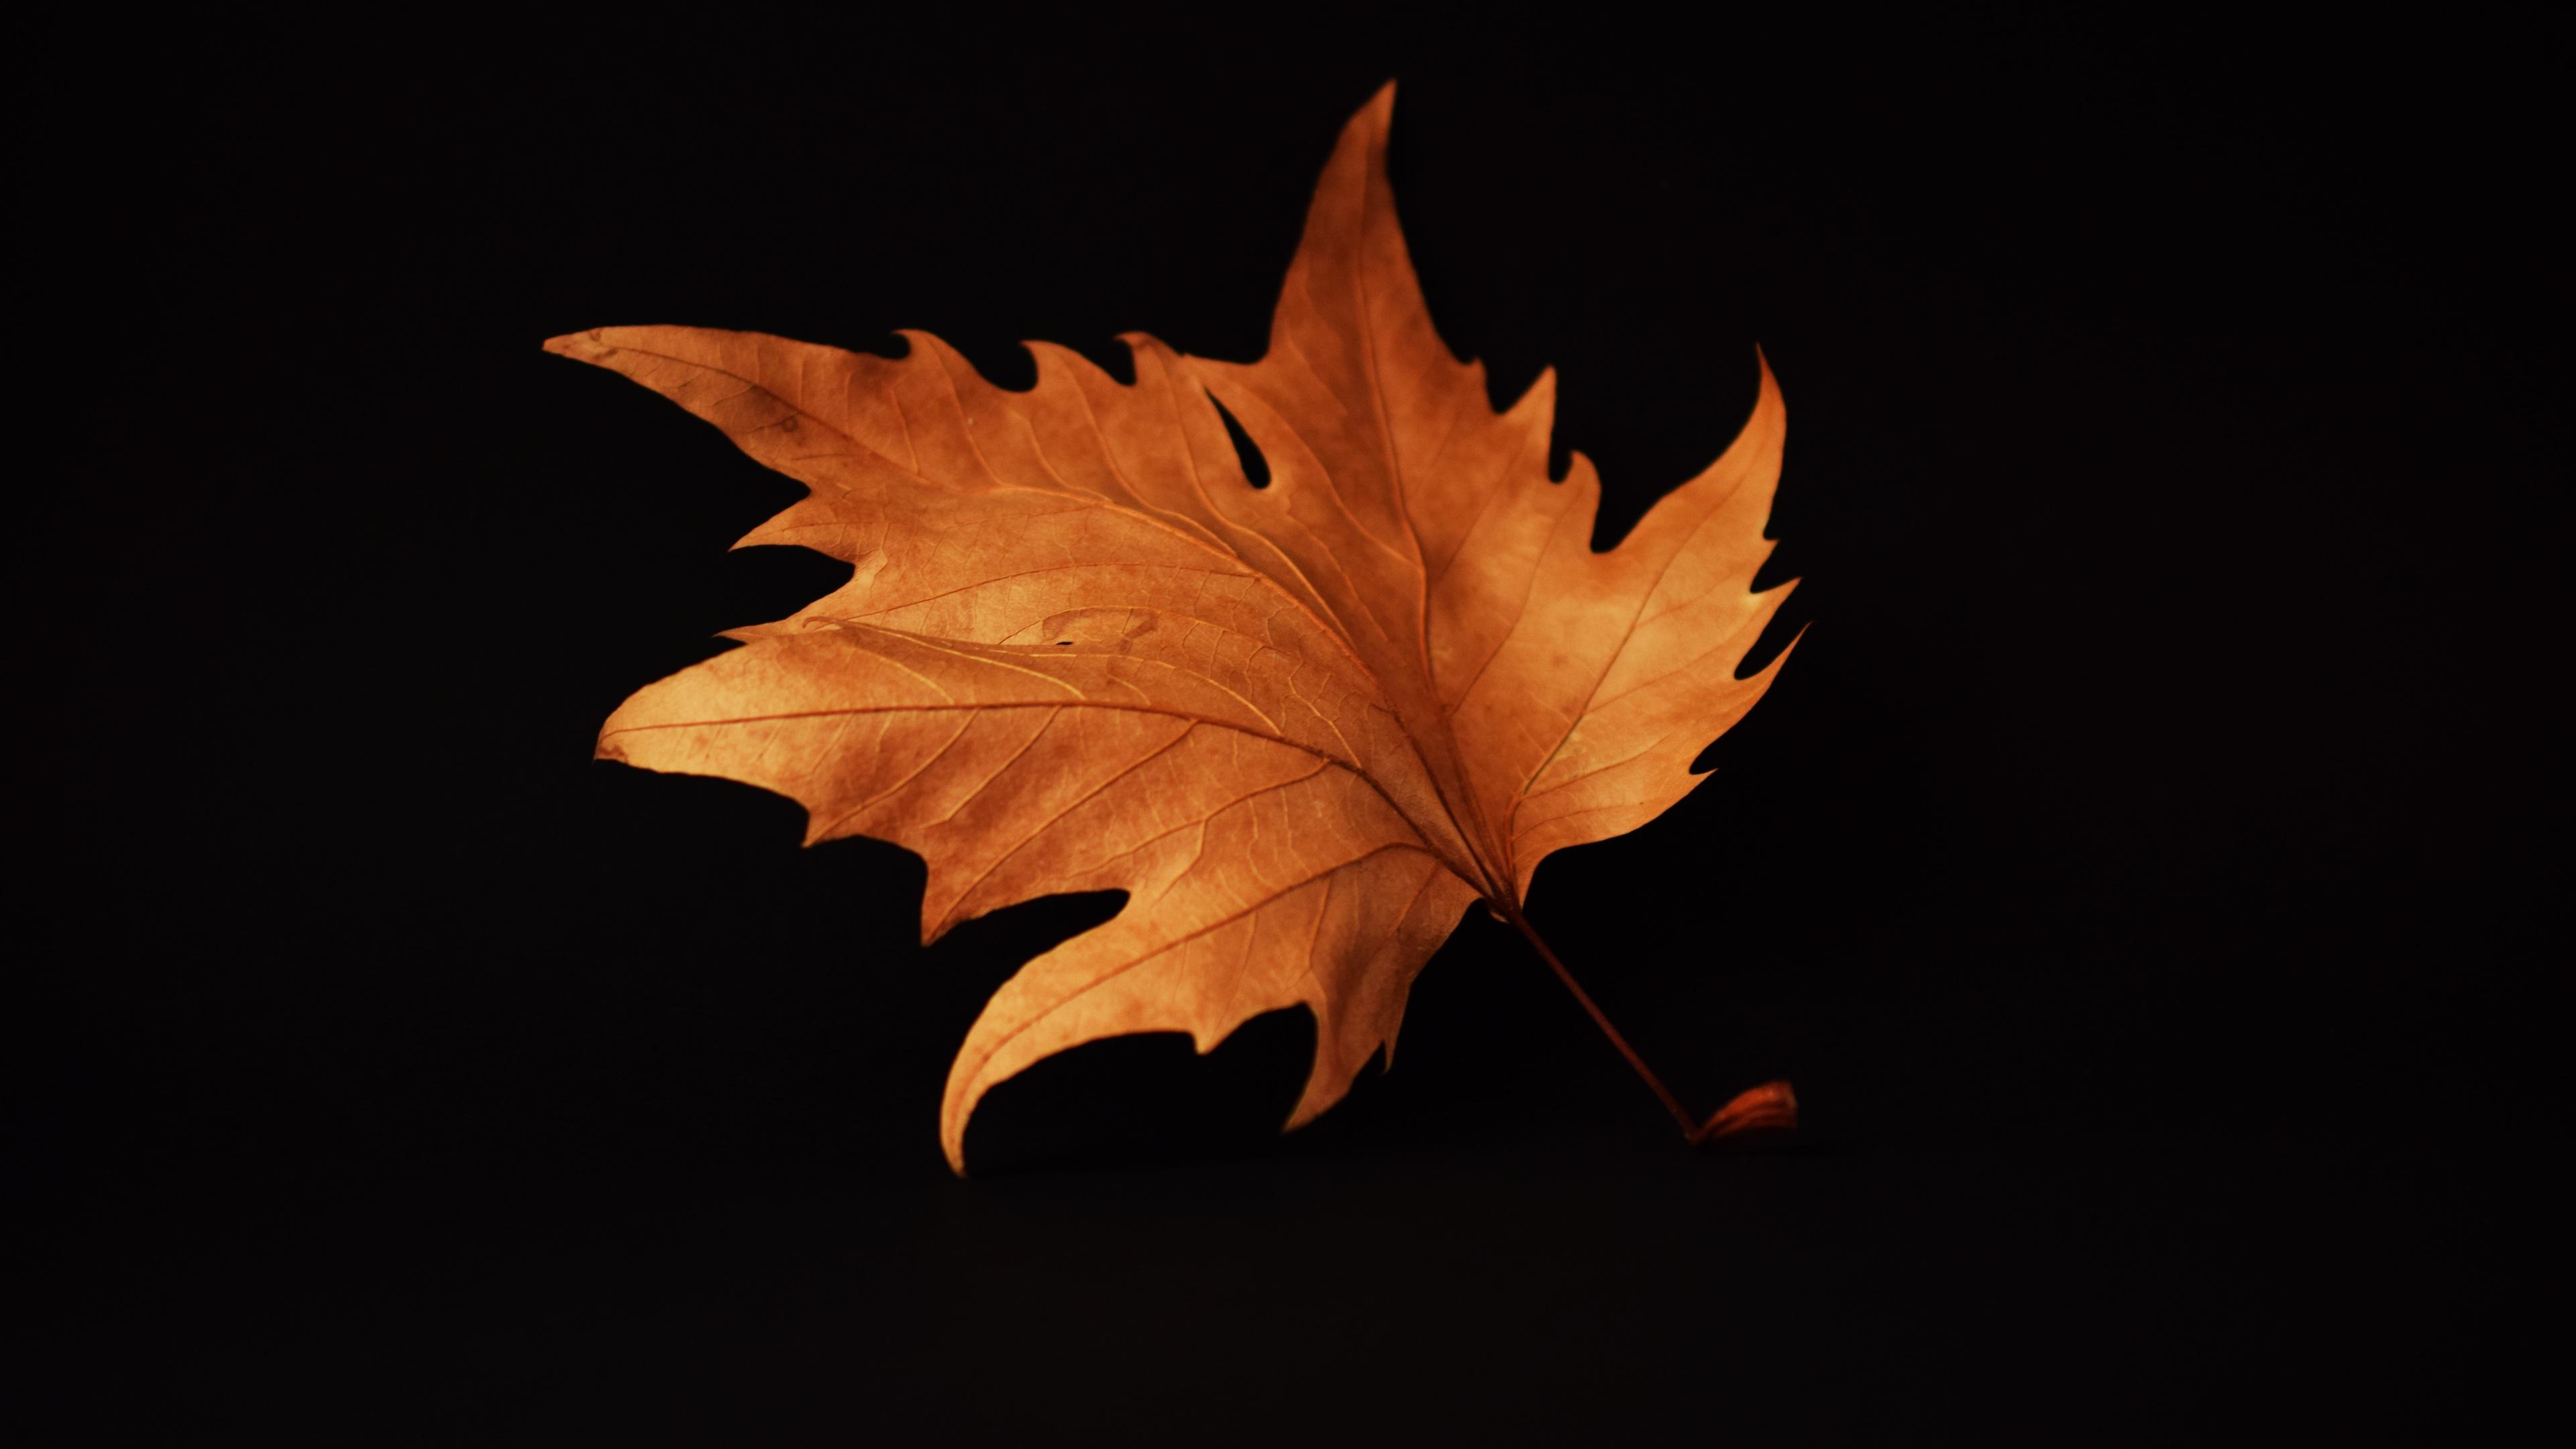 Wallpaper 4k Autumn Leaf Black Background 4k 4k Wallpapers